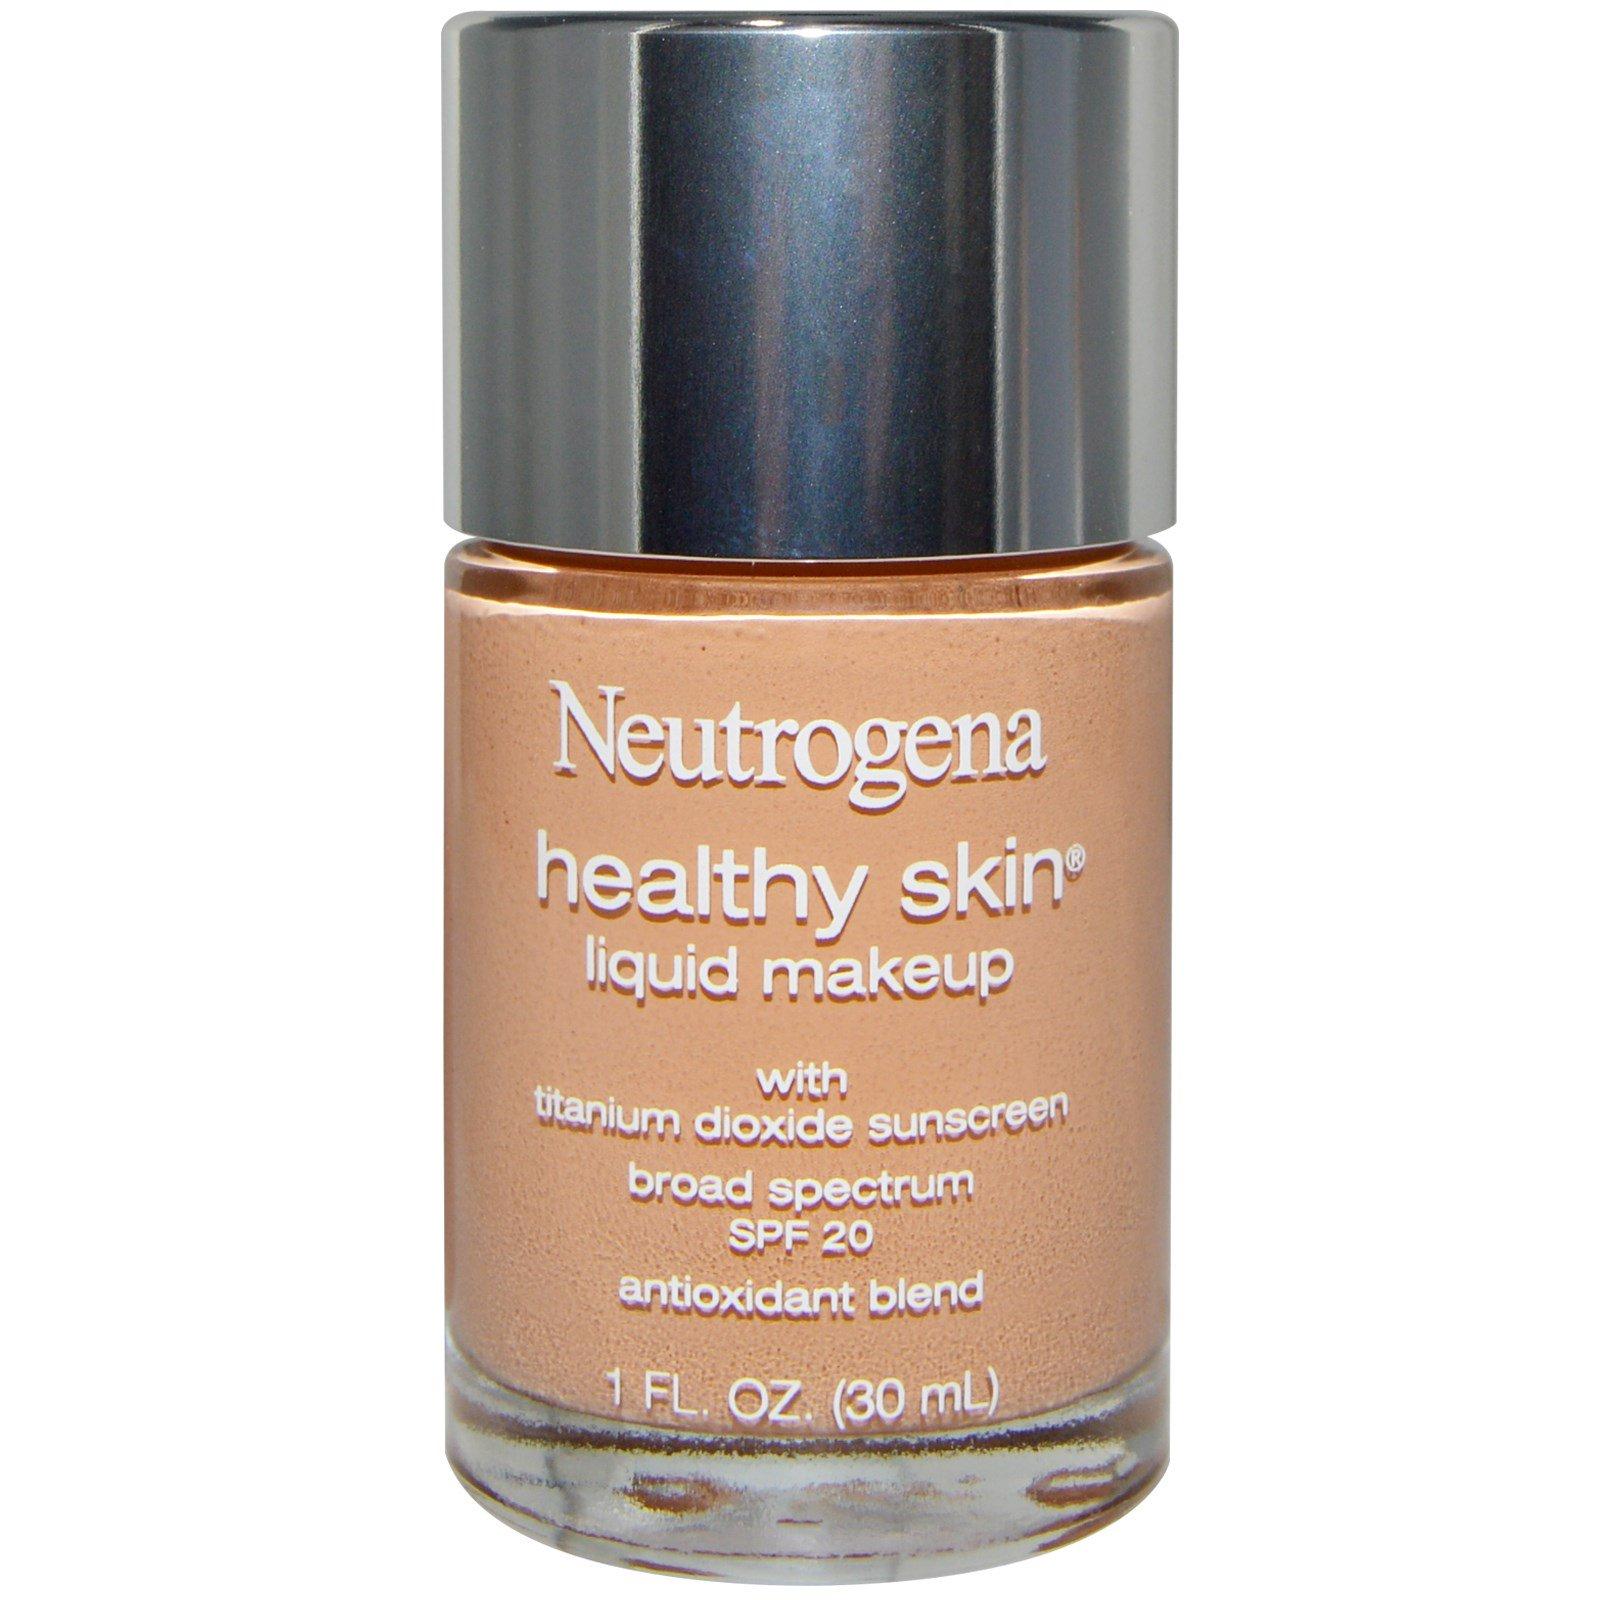 Neutrogena здоровая кожа жидкий макияж отзывы